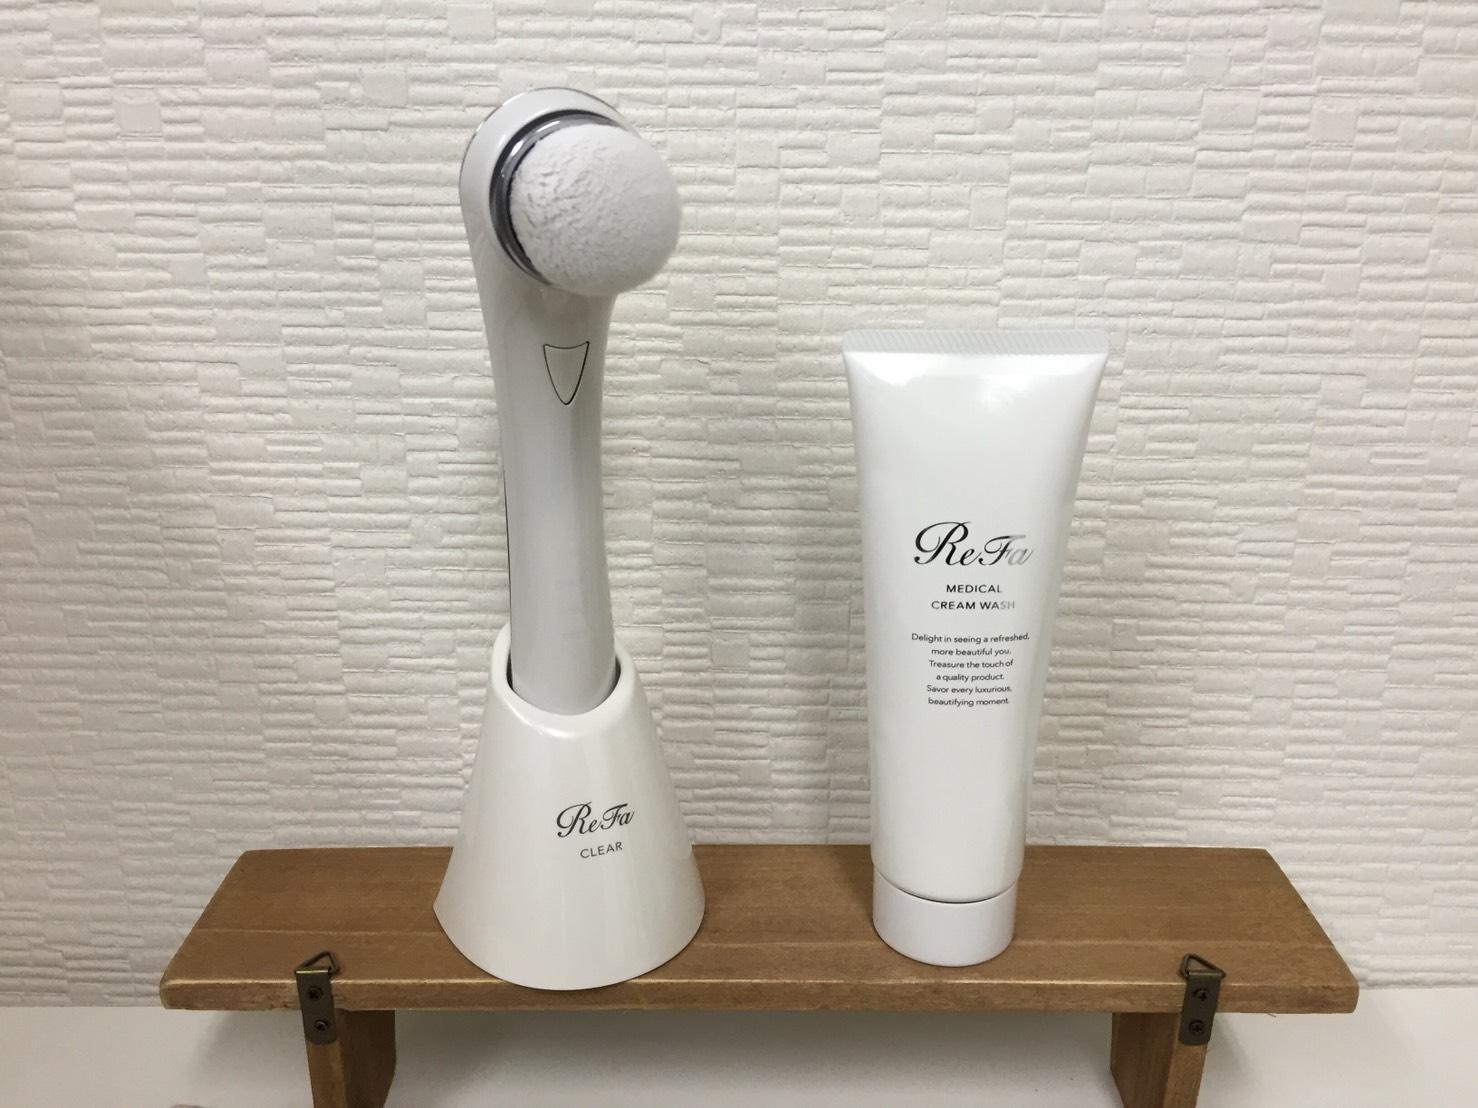 リファクリアって毛穴汚れに効果あり?洗顔ブラシについて私が言いたいこと【動画あり】